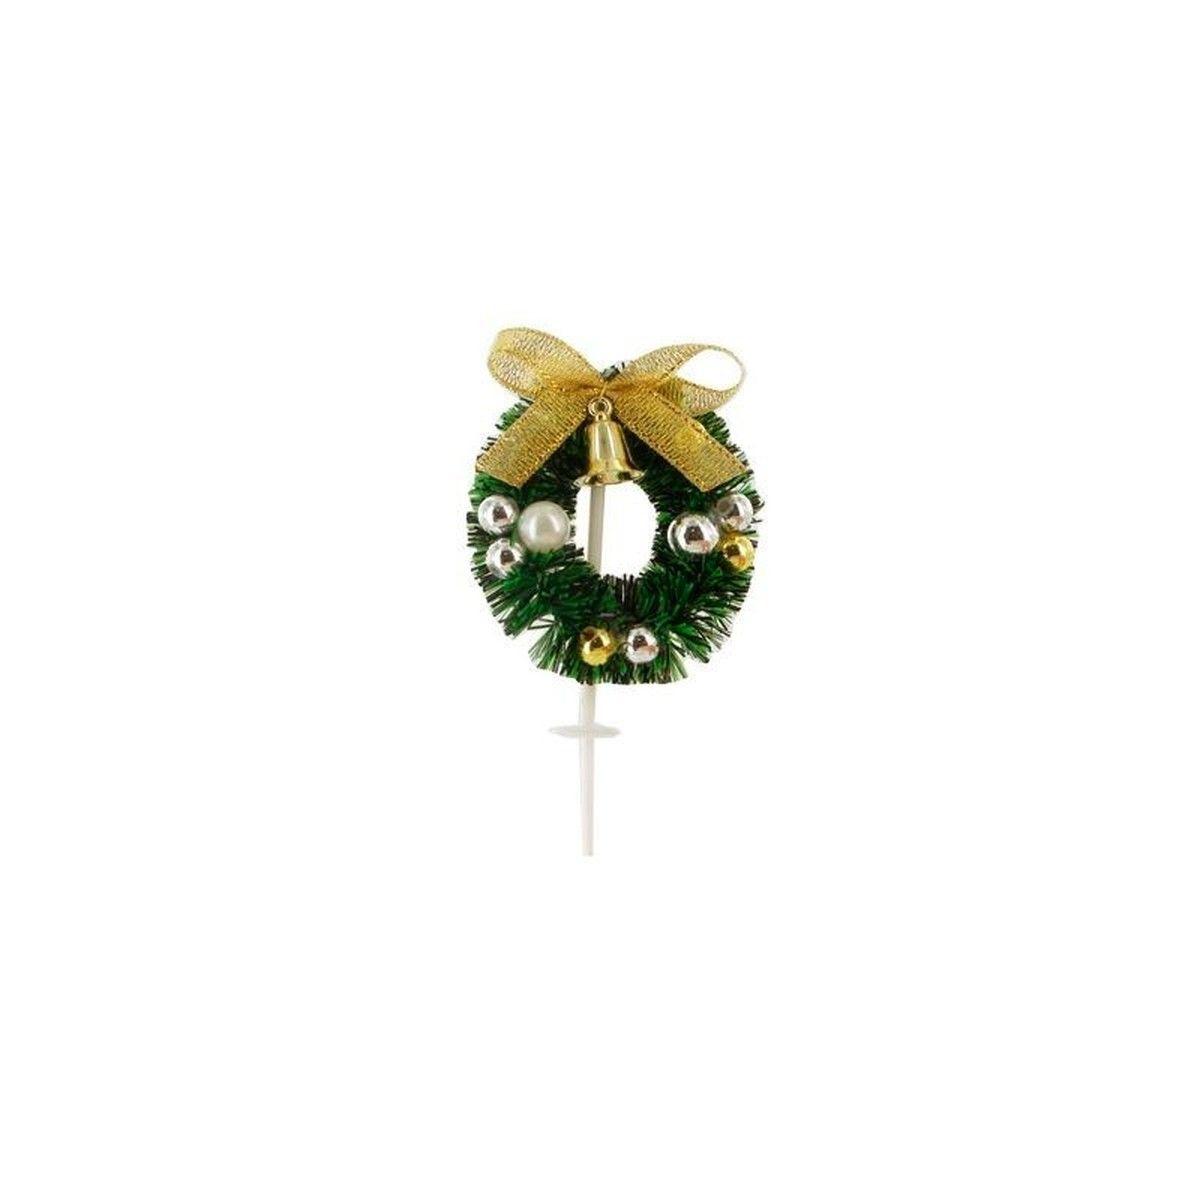 Décor de bûche et gâteau : couronne de Noël dorée sur piques 6 x 8 cm - Patisdecor